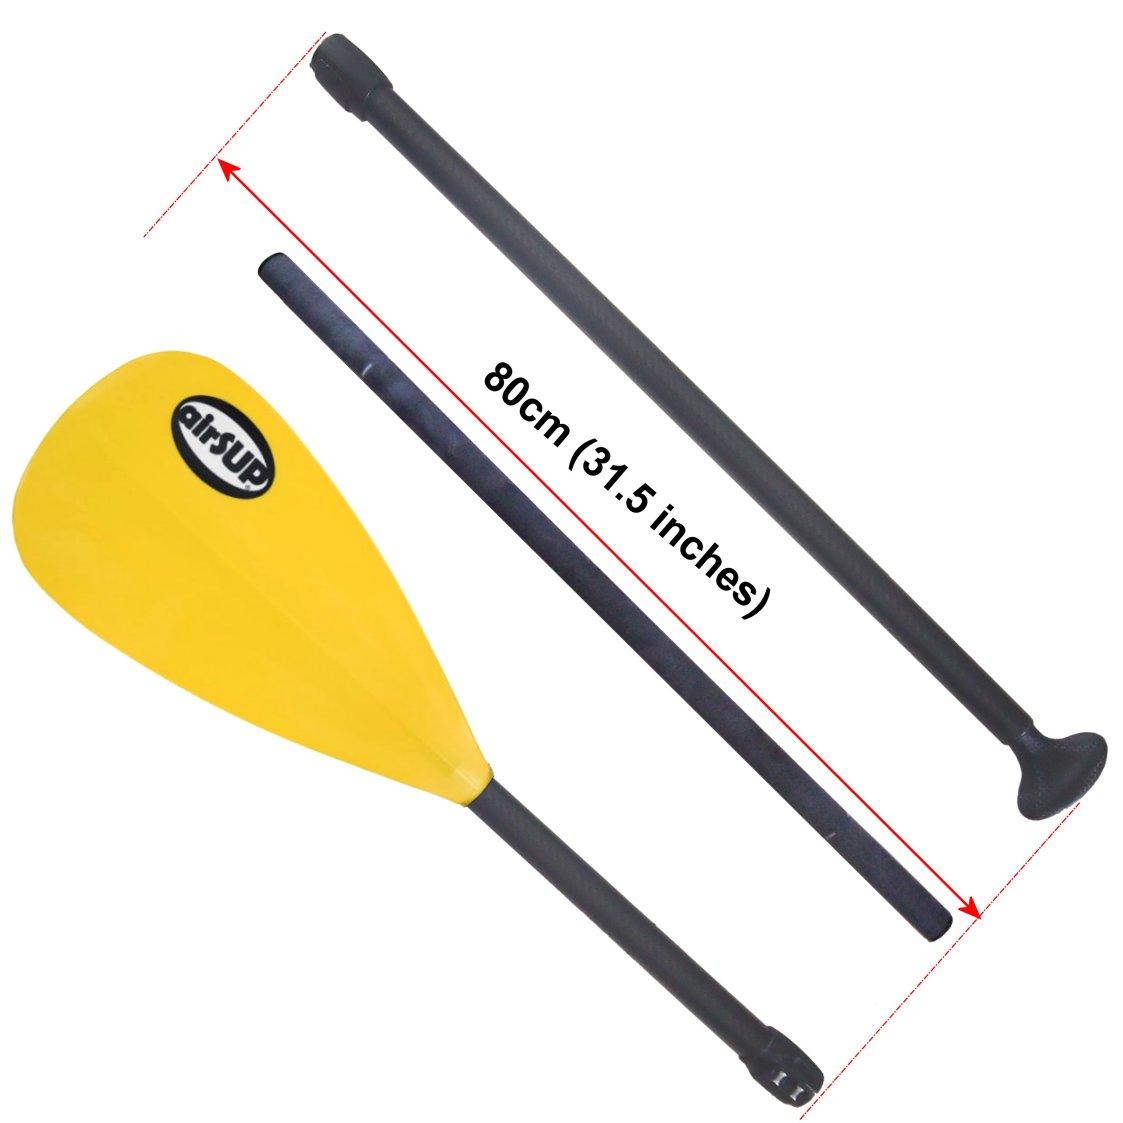 【airSUP】カーボン 3 ピース パドル / スタンドアップパドルボード SUP用 airSUP brand Plastic Yellow Blade